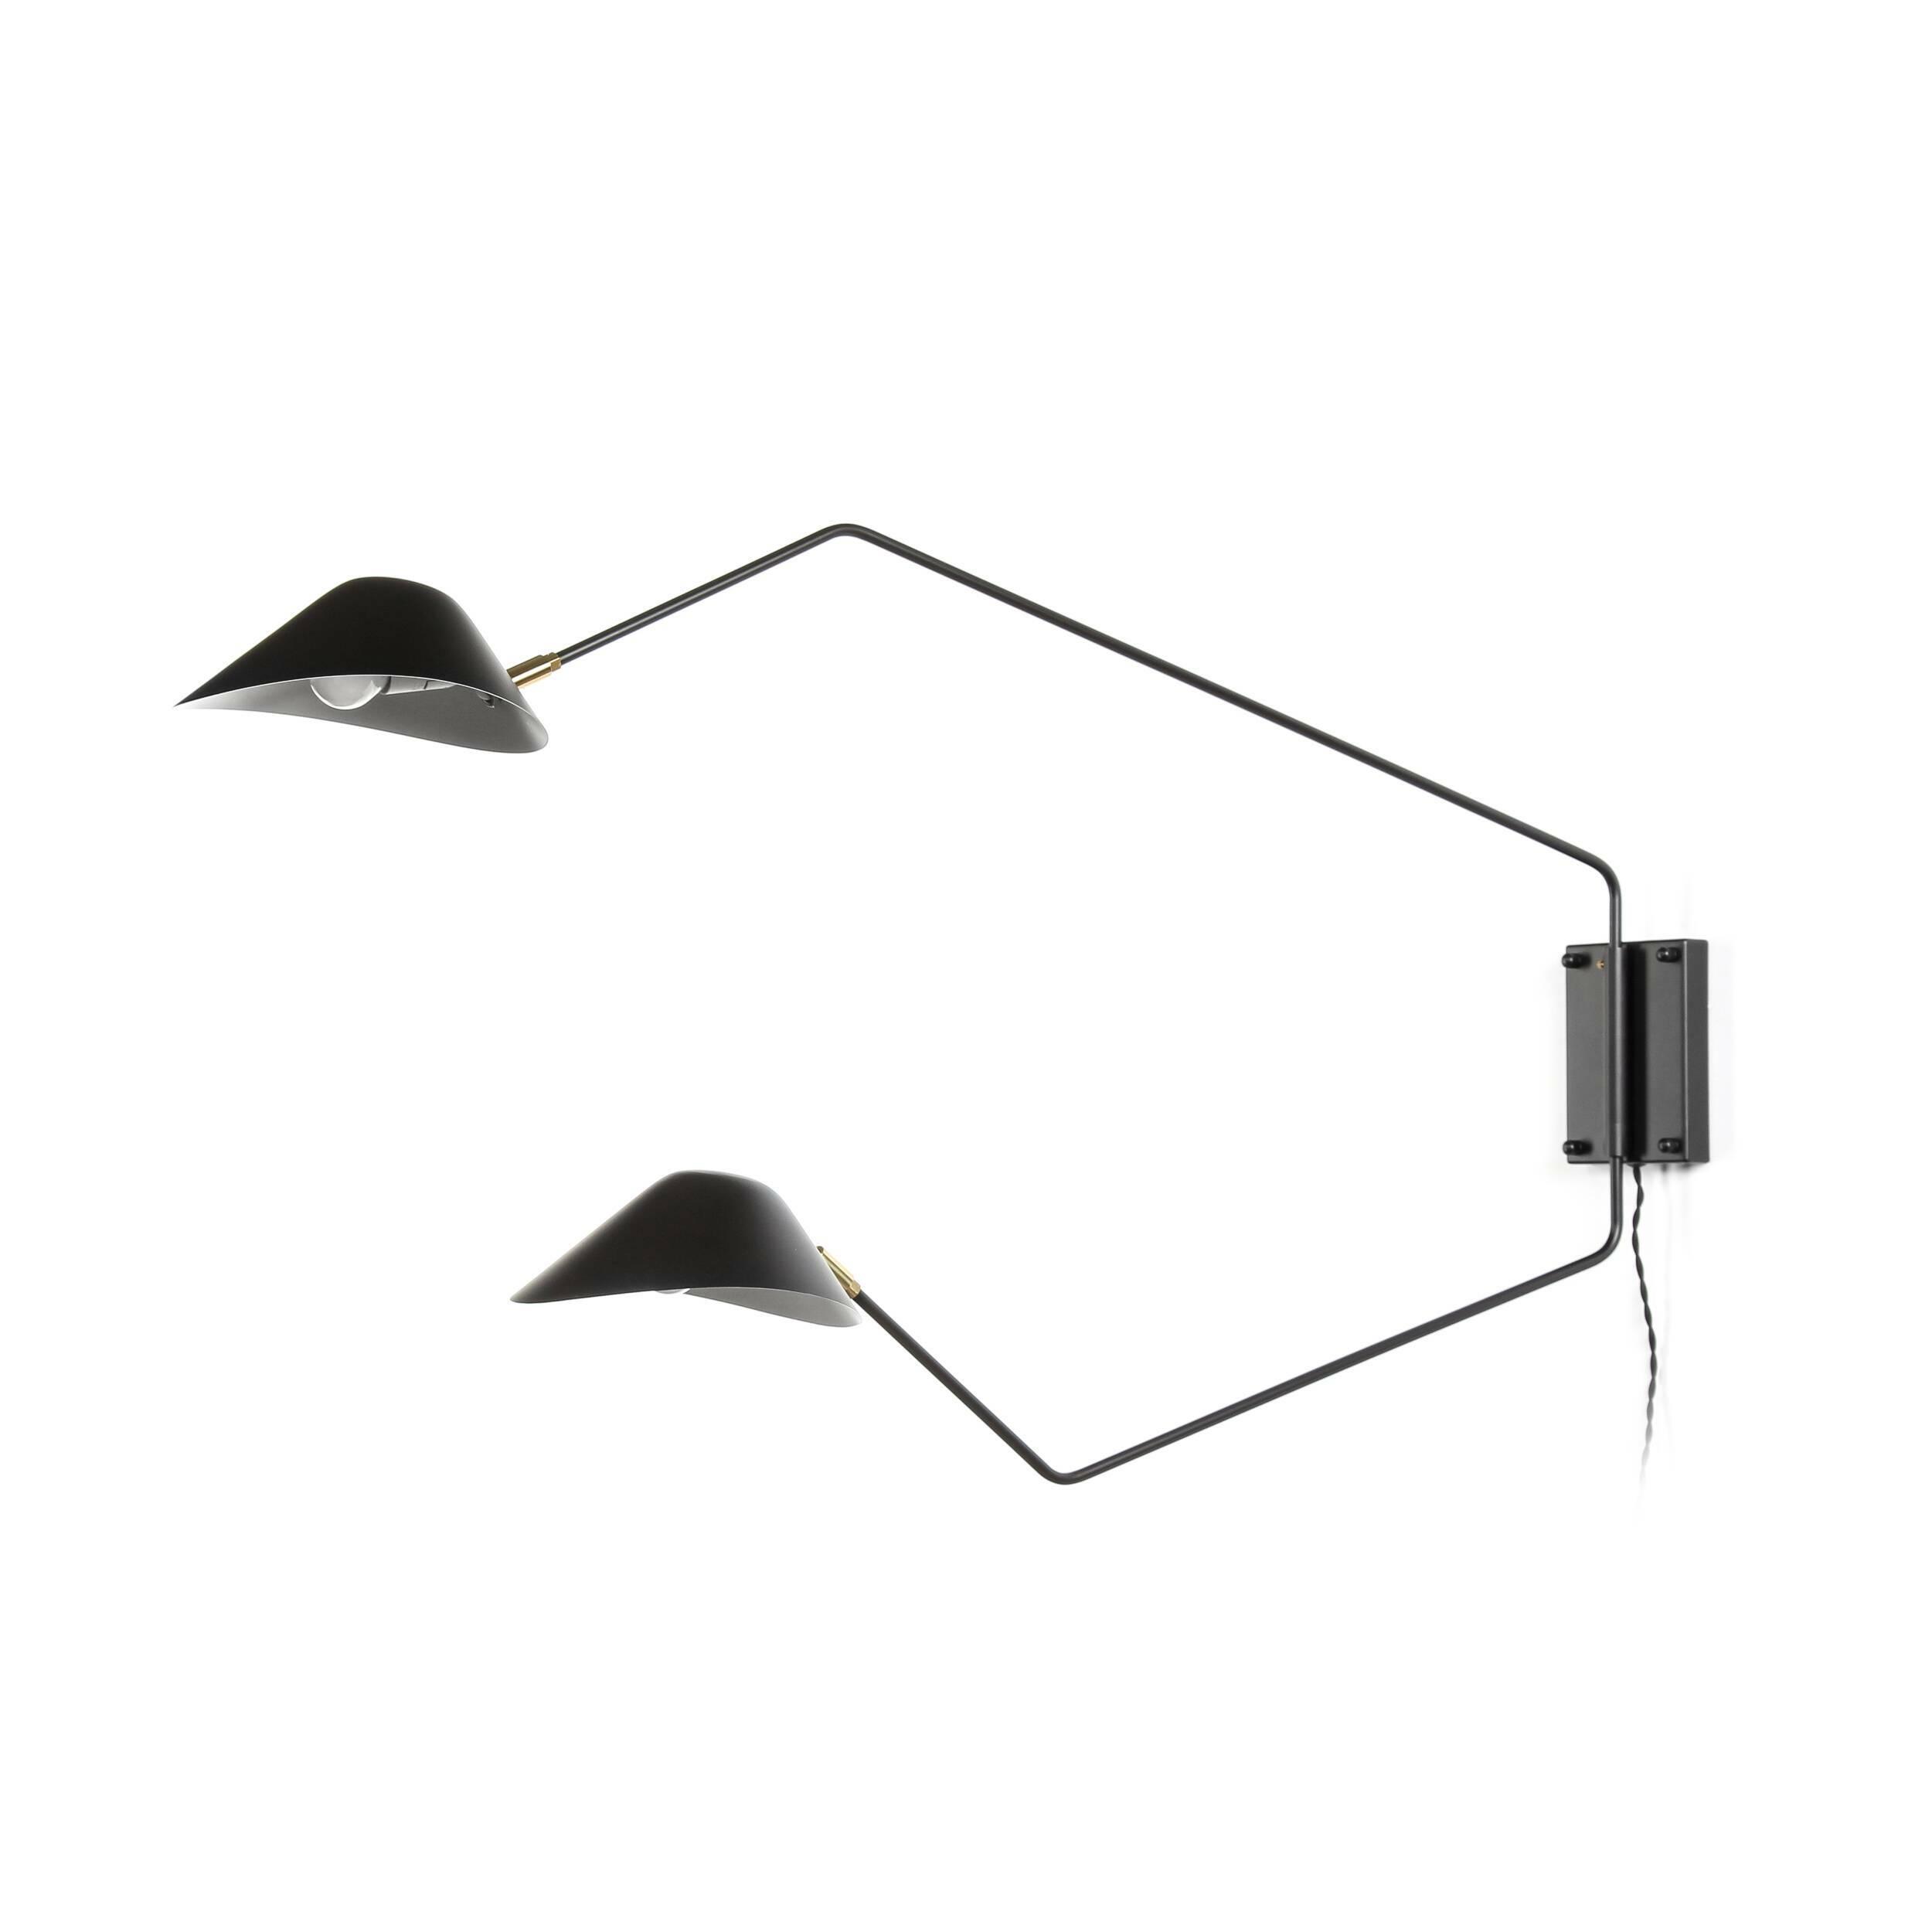 Настенный светильник Cosmo 14772397 от Cosmorelax